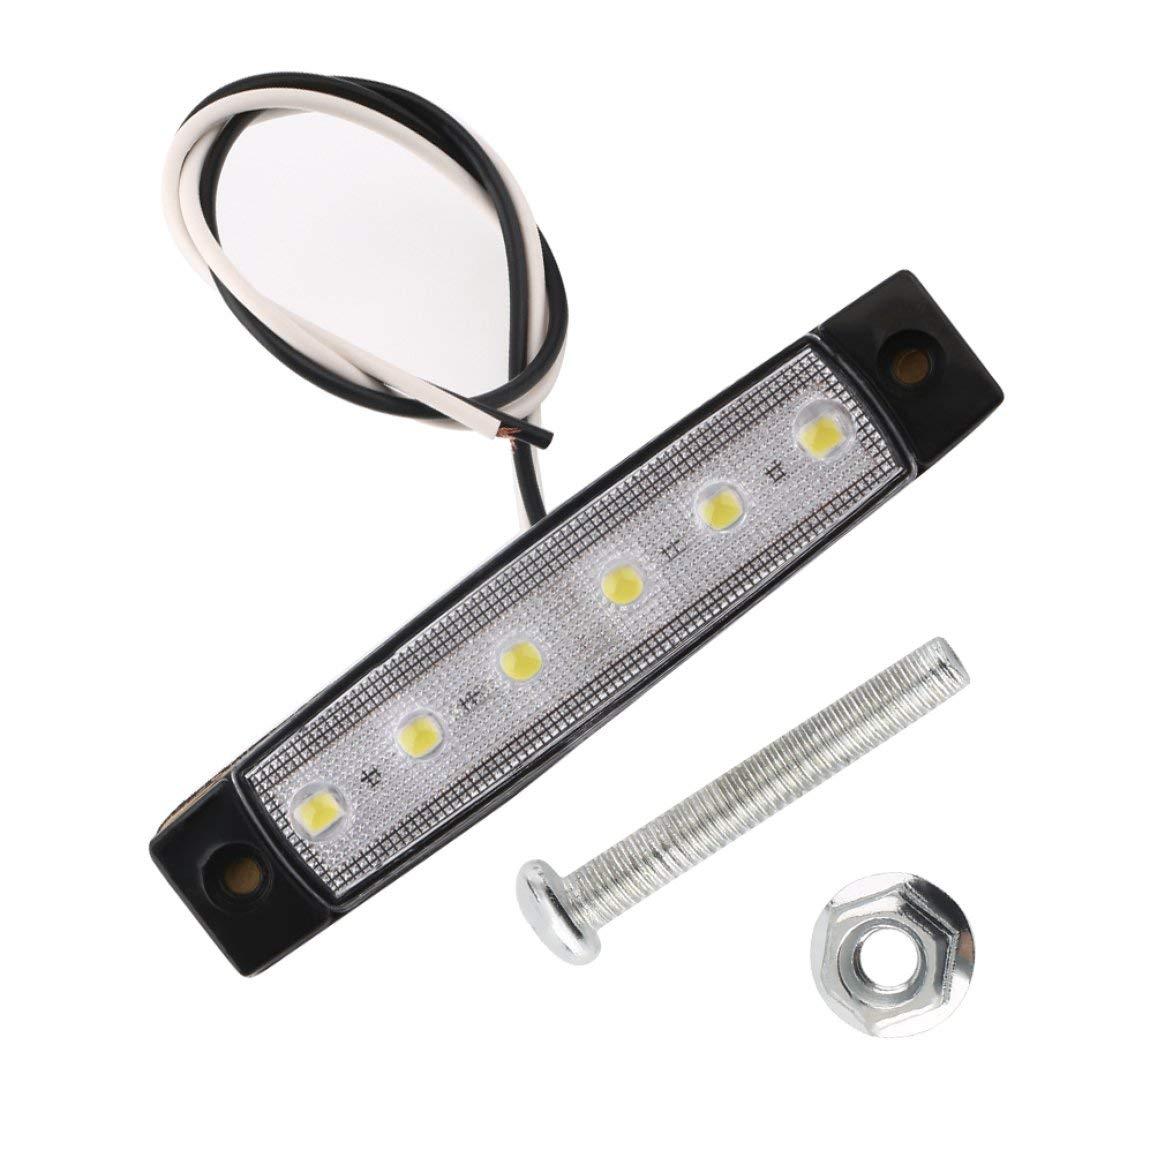 Rojo 12V 6 LED Remolque Cami/ón Despacho Marcador lateral Sumergible Ancho de luz L/ámpara Veh/ículo Indicador externo Universal Luz de advertencia